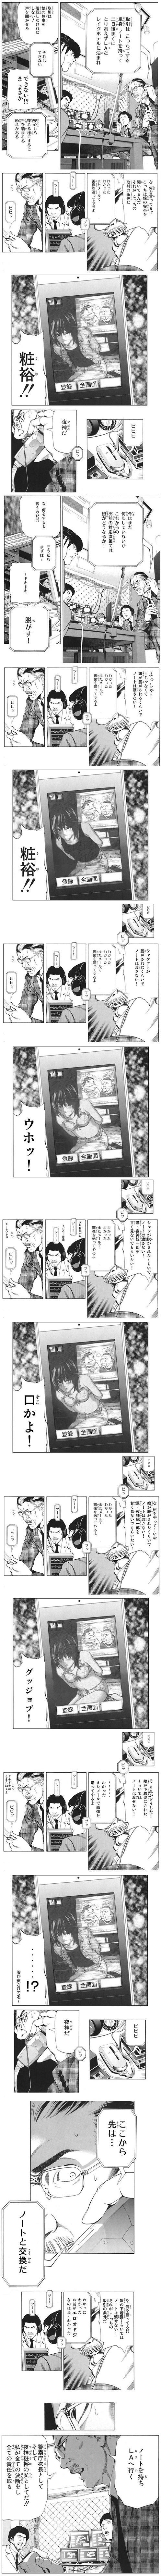 殿堂入り漫画:デスノート -エロ親父と誘拐犯- [エロ]